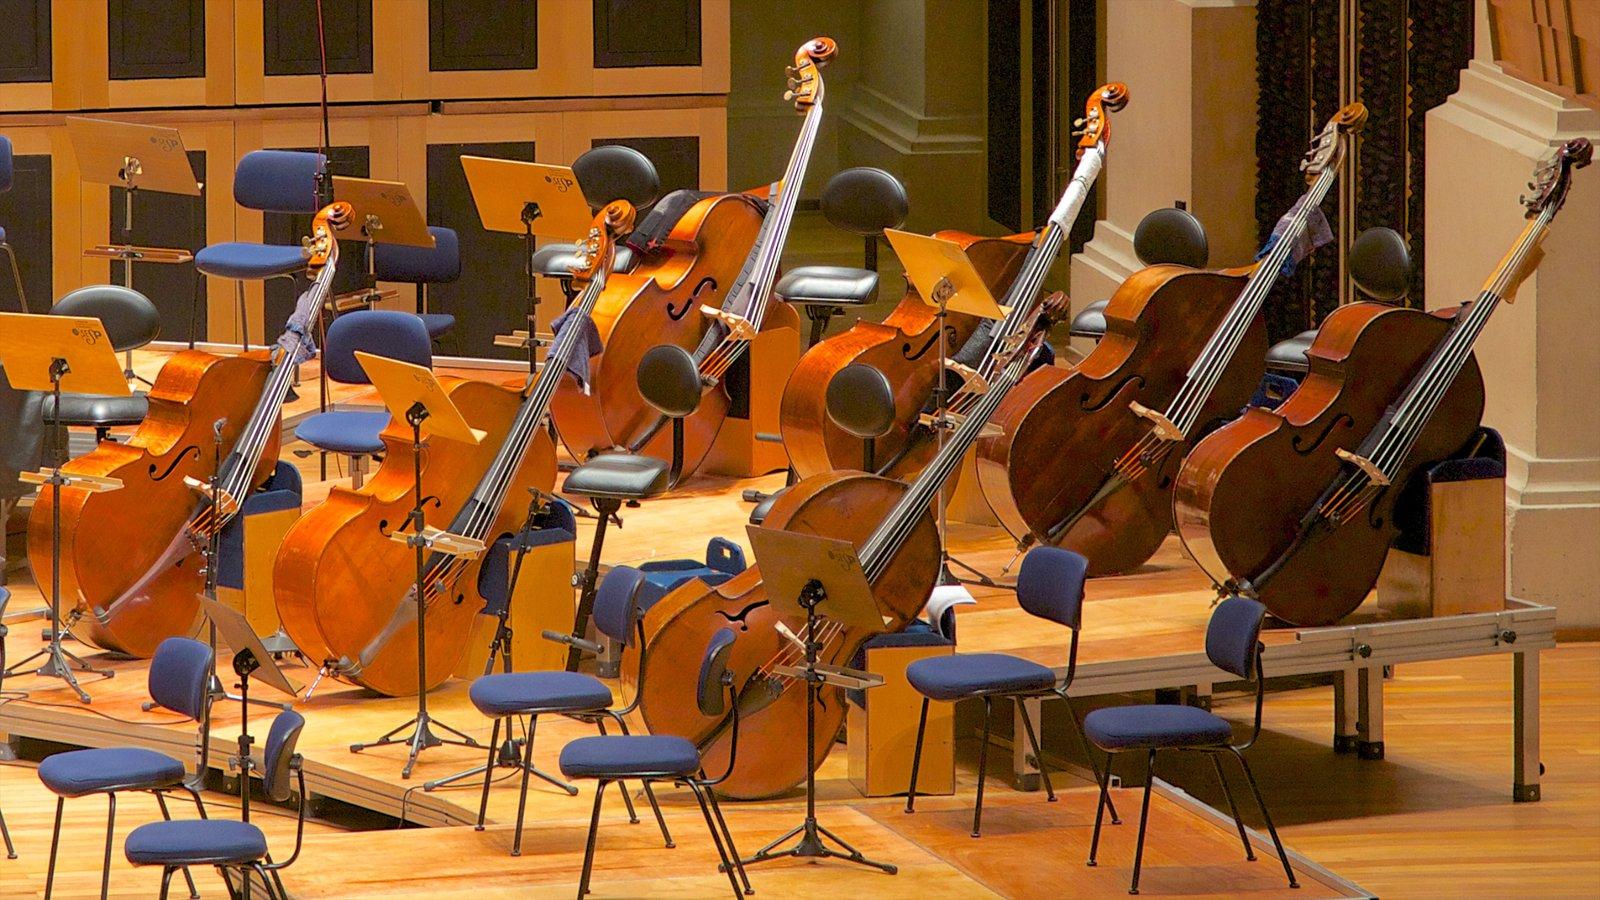 Sala São Paulo mostrando música e vistas internas